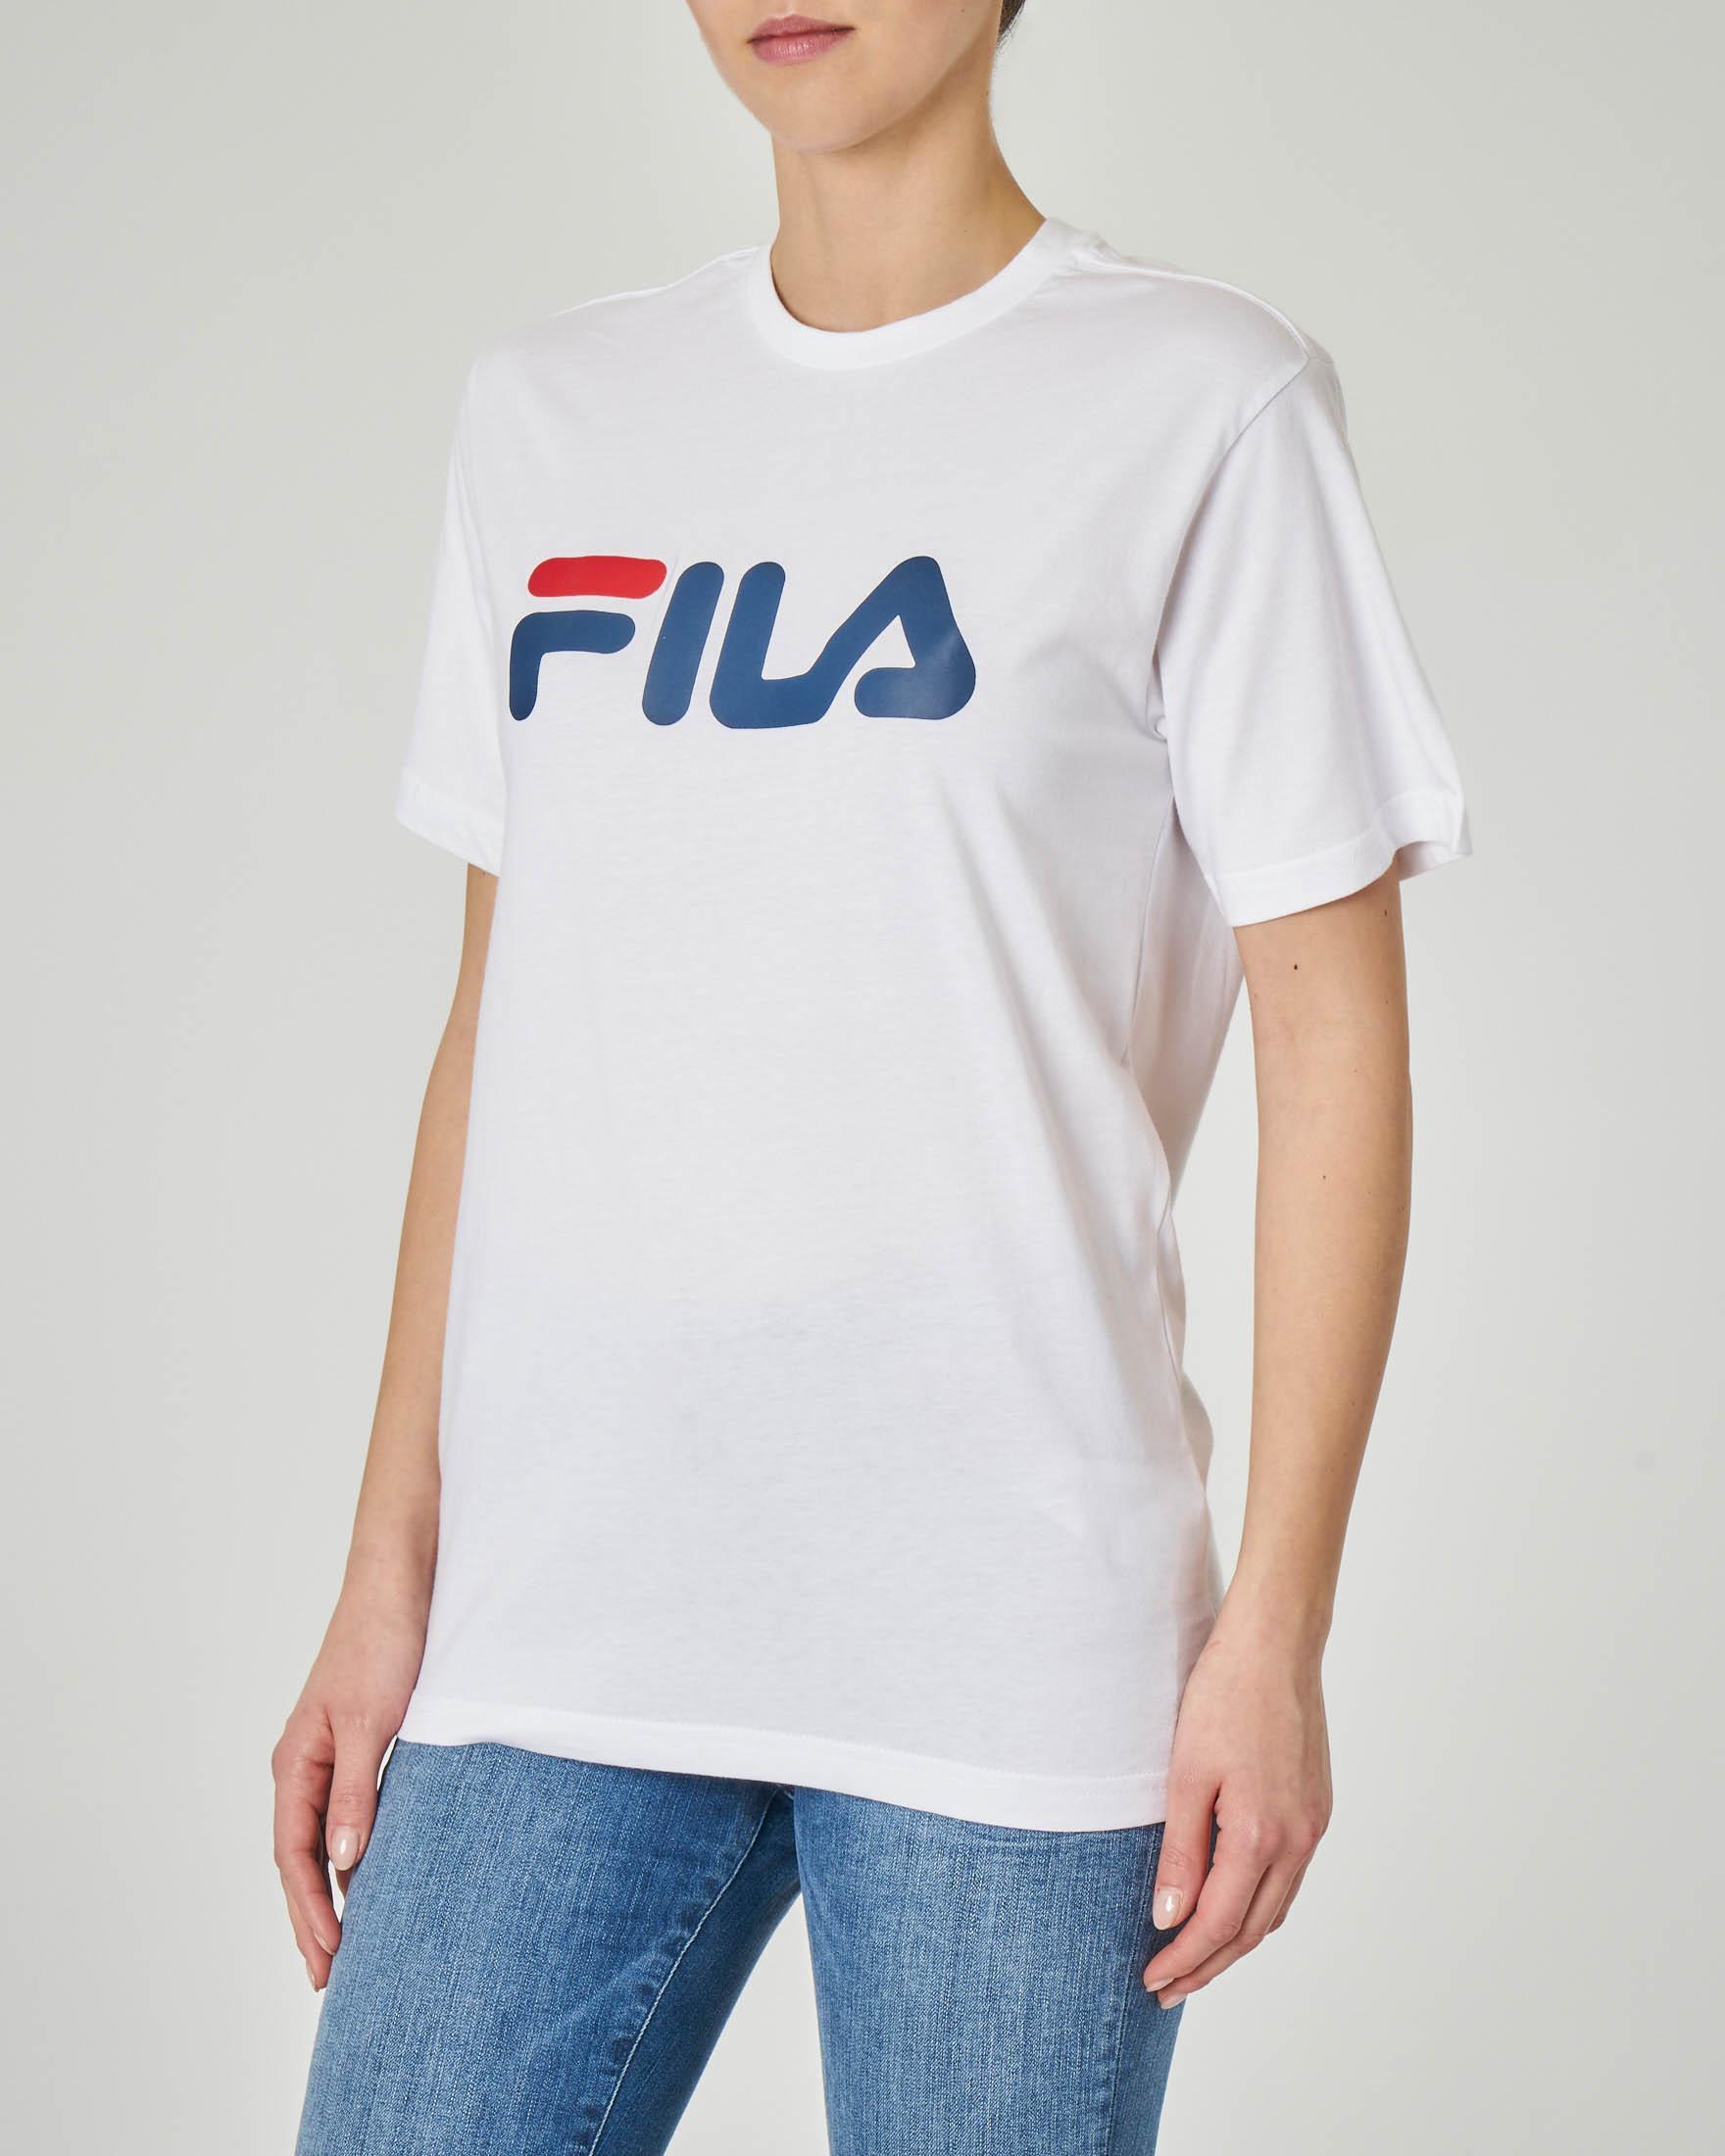 T-shirt bianca girocollo con logo stampato